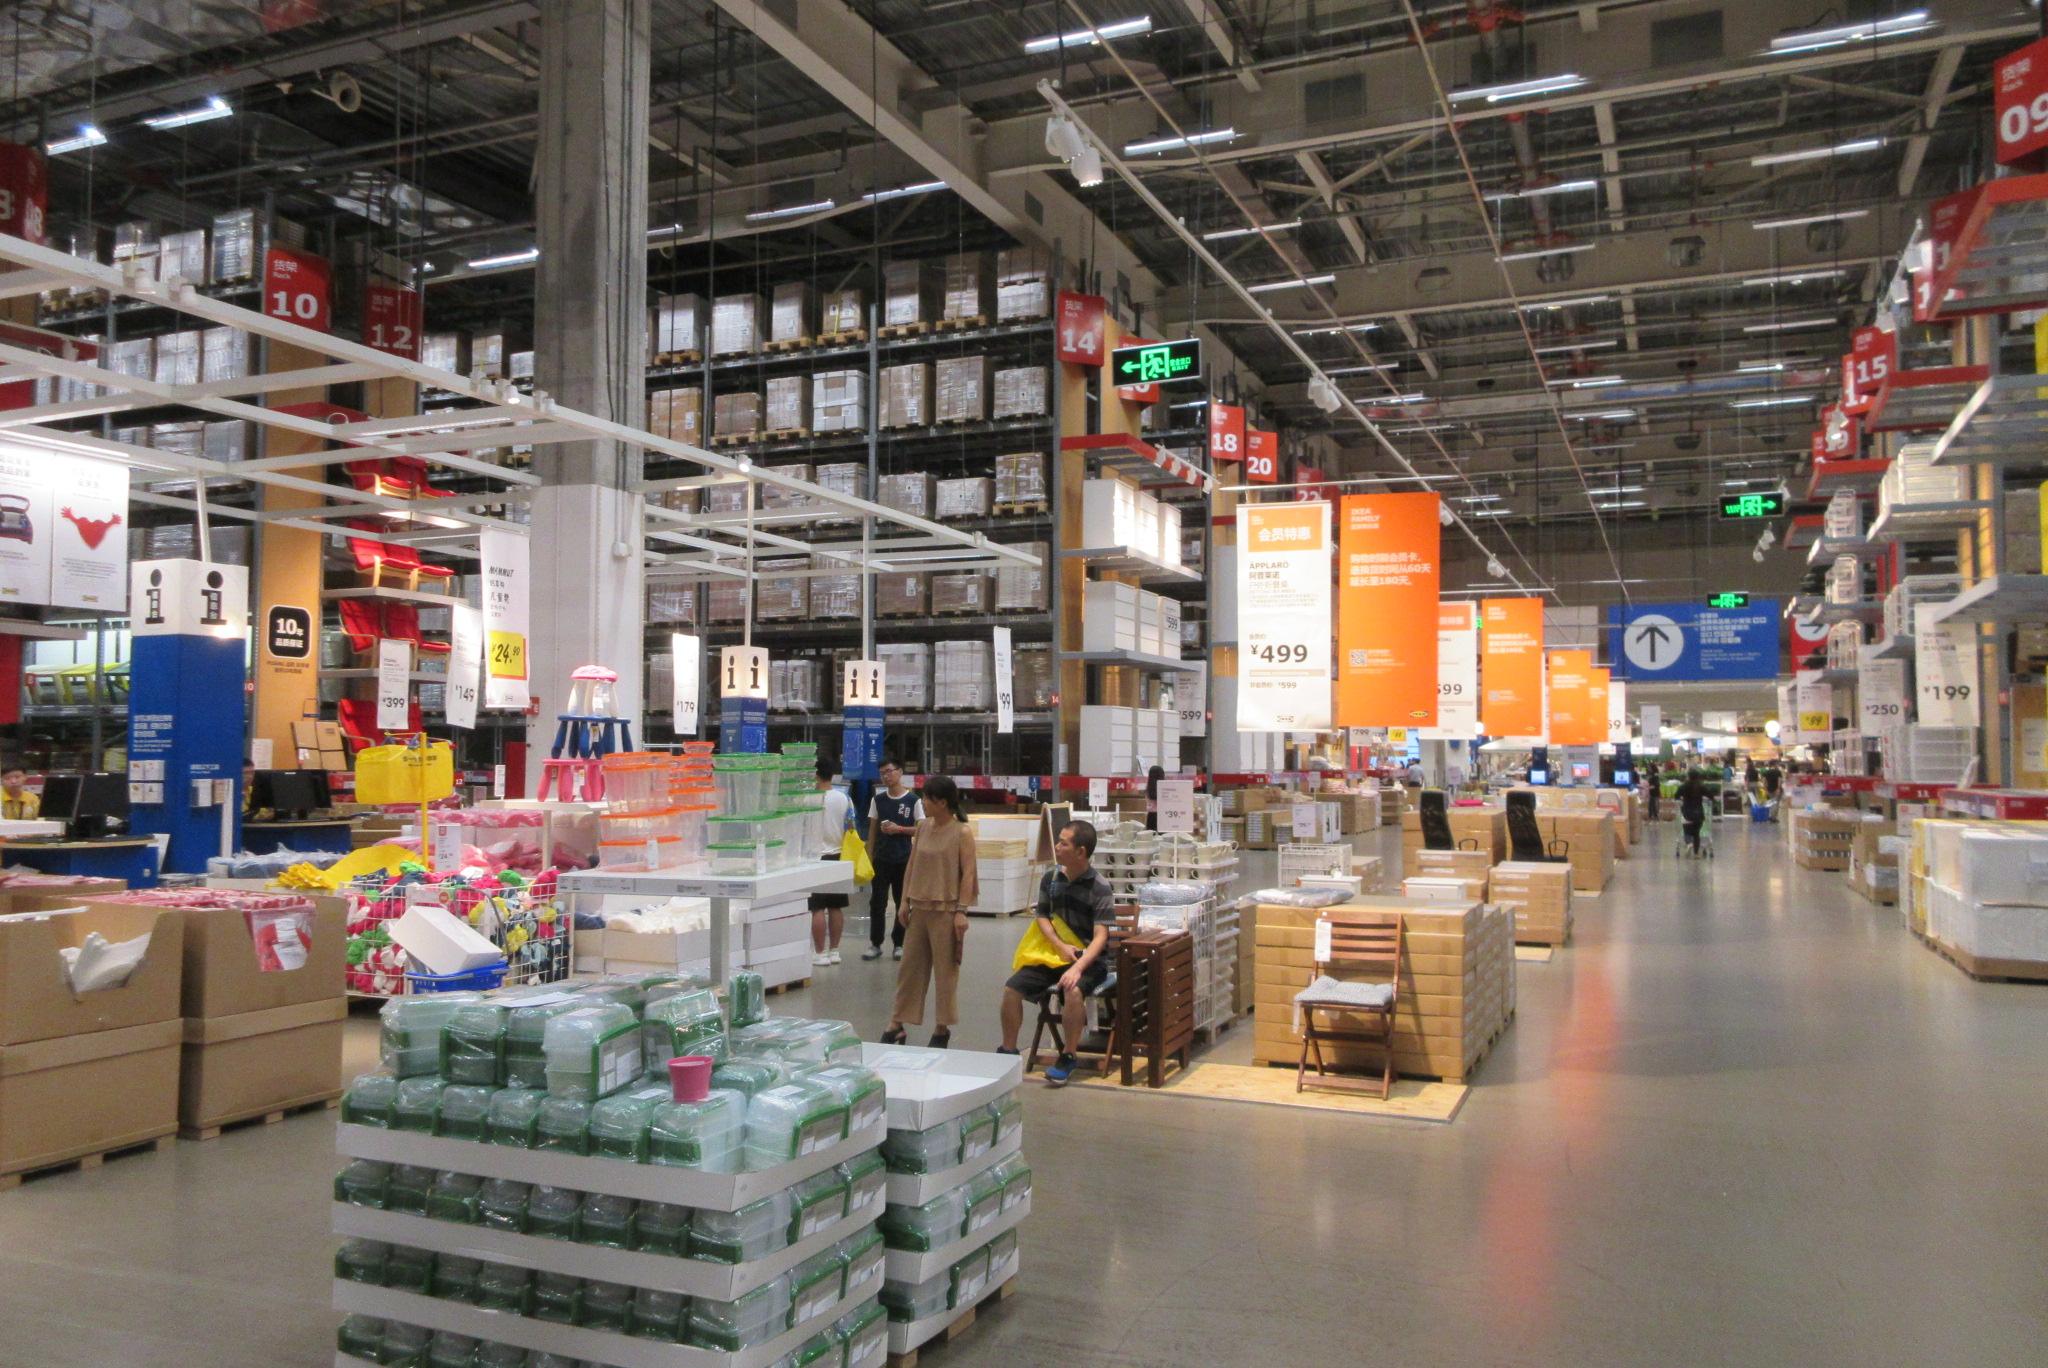 File Sz 深圳 Shenzhen 南山區 Nanshan District 深圳宜家 Ikea Store